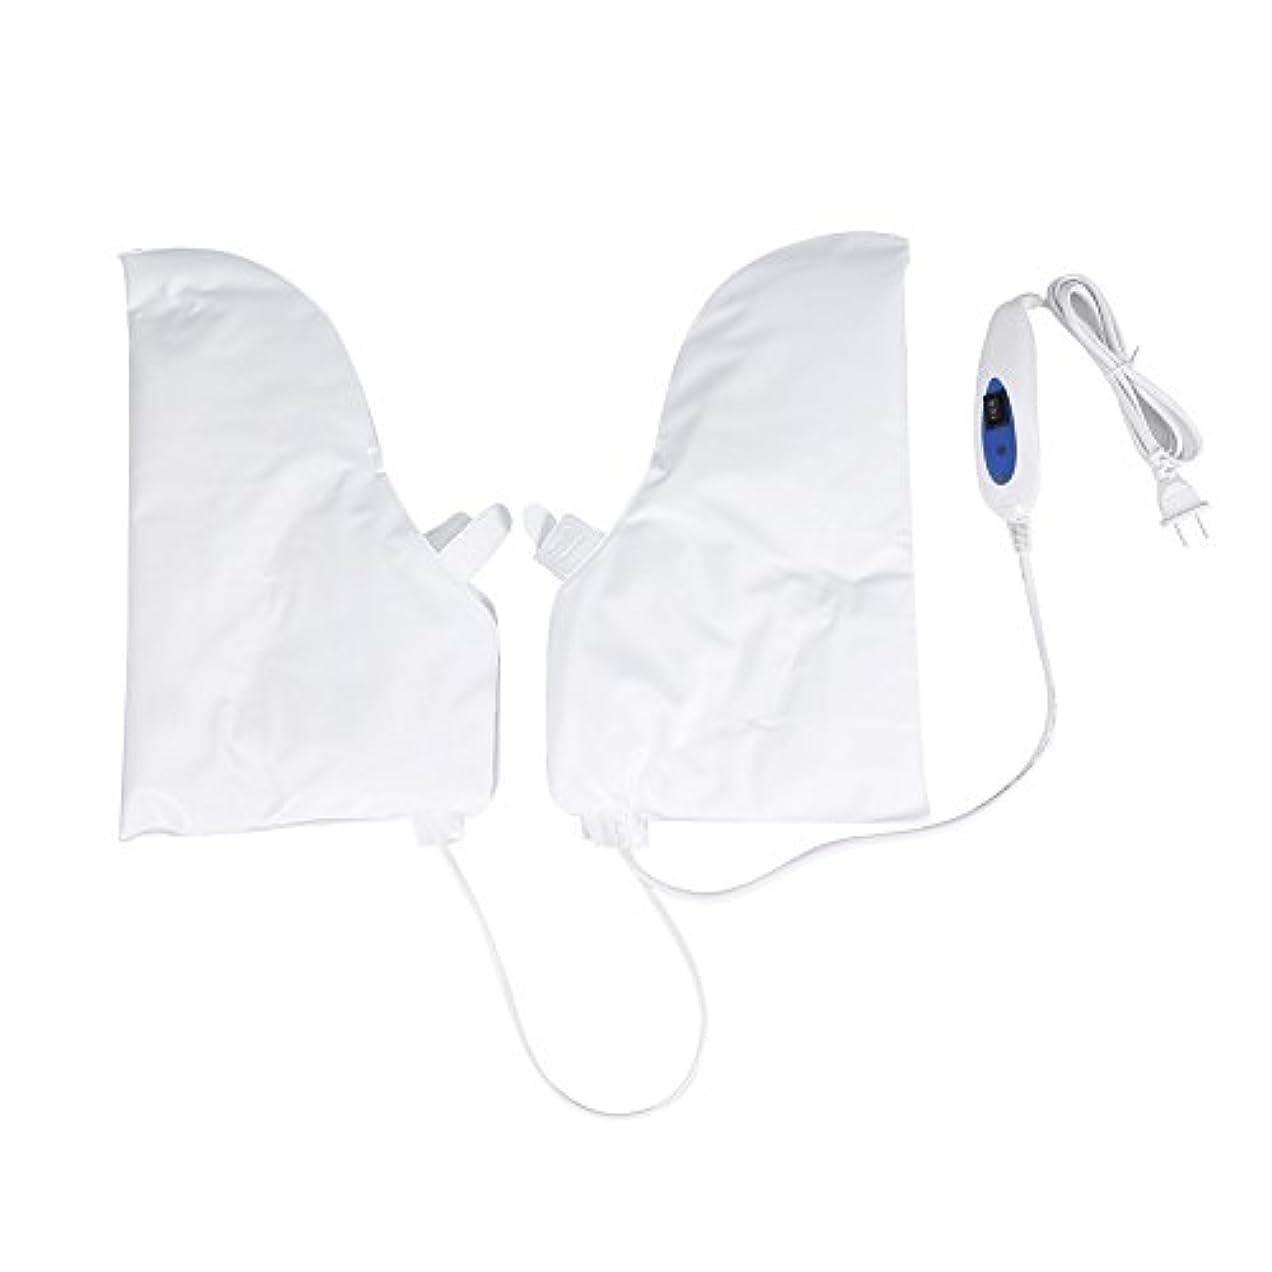 強調する南スキム蒸し手袋 ハンドマスク 保湿グローブ 電熱手袋 ヒートグローブ 加熱式 電熱 手ケア ハンドケア 2つ加熱モード 乾燥対策 手荒れ対策 補水 保湿 美白 しっとり 美容 手袋